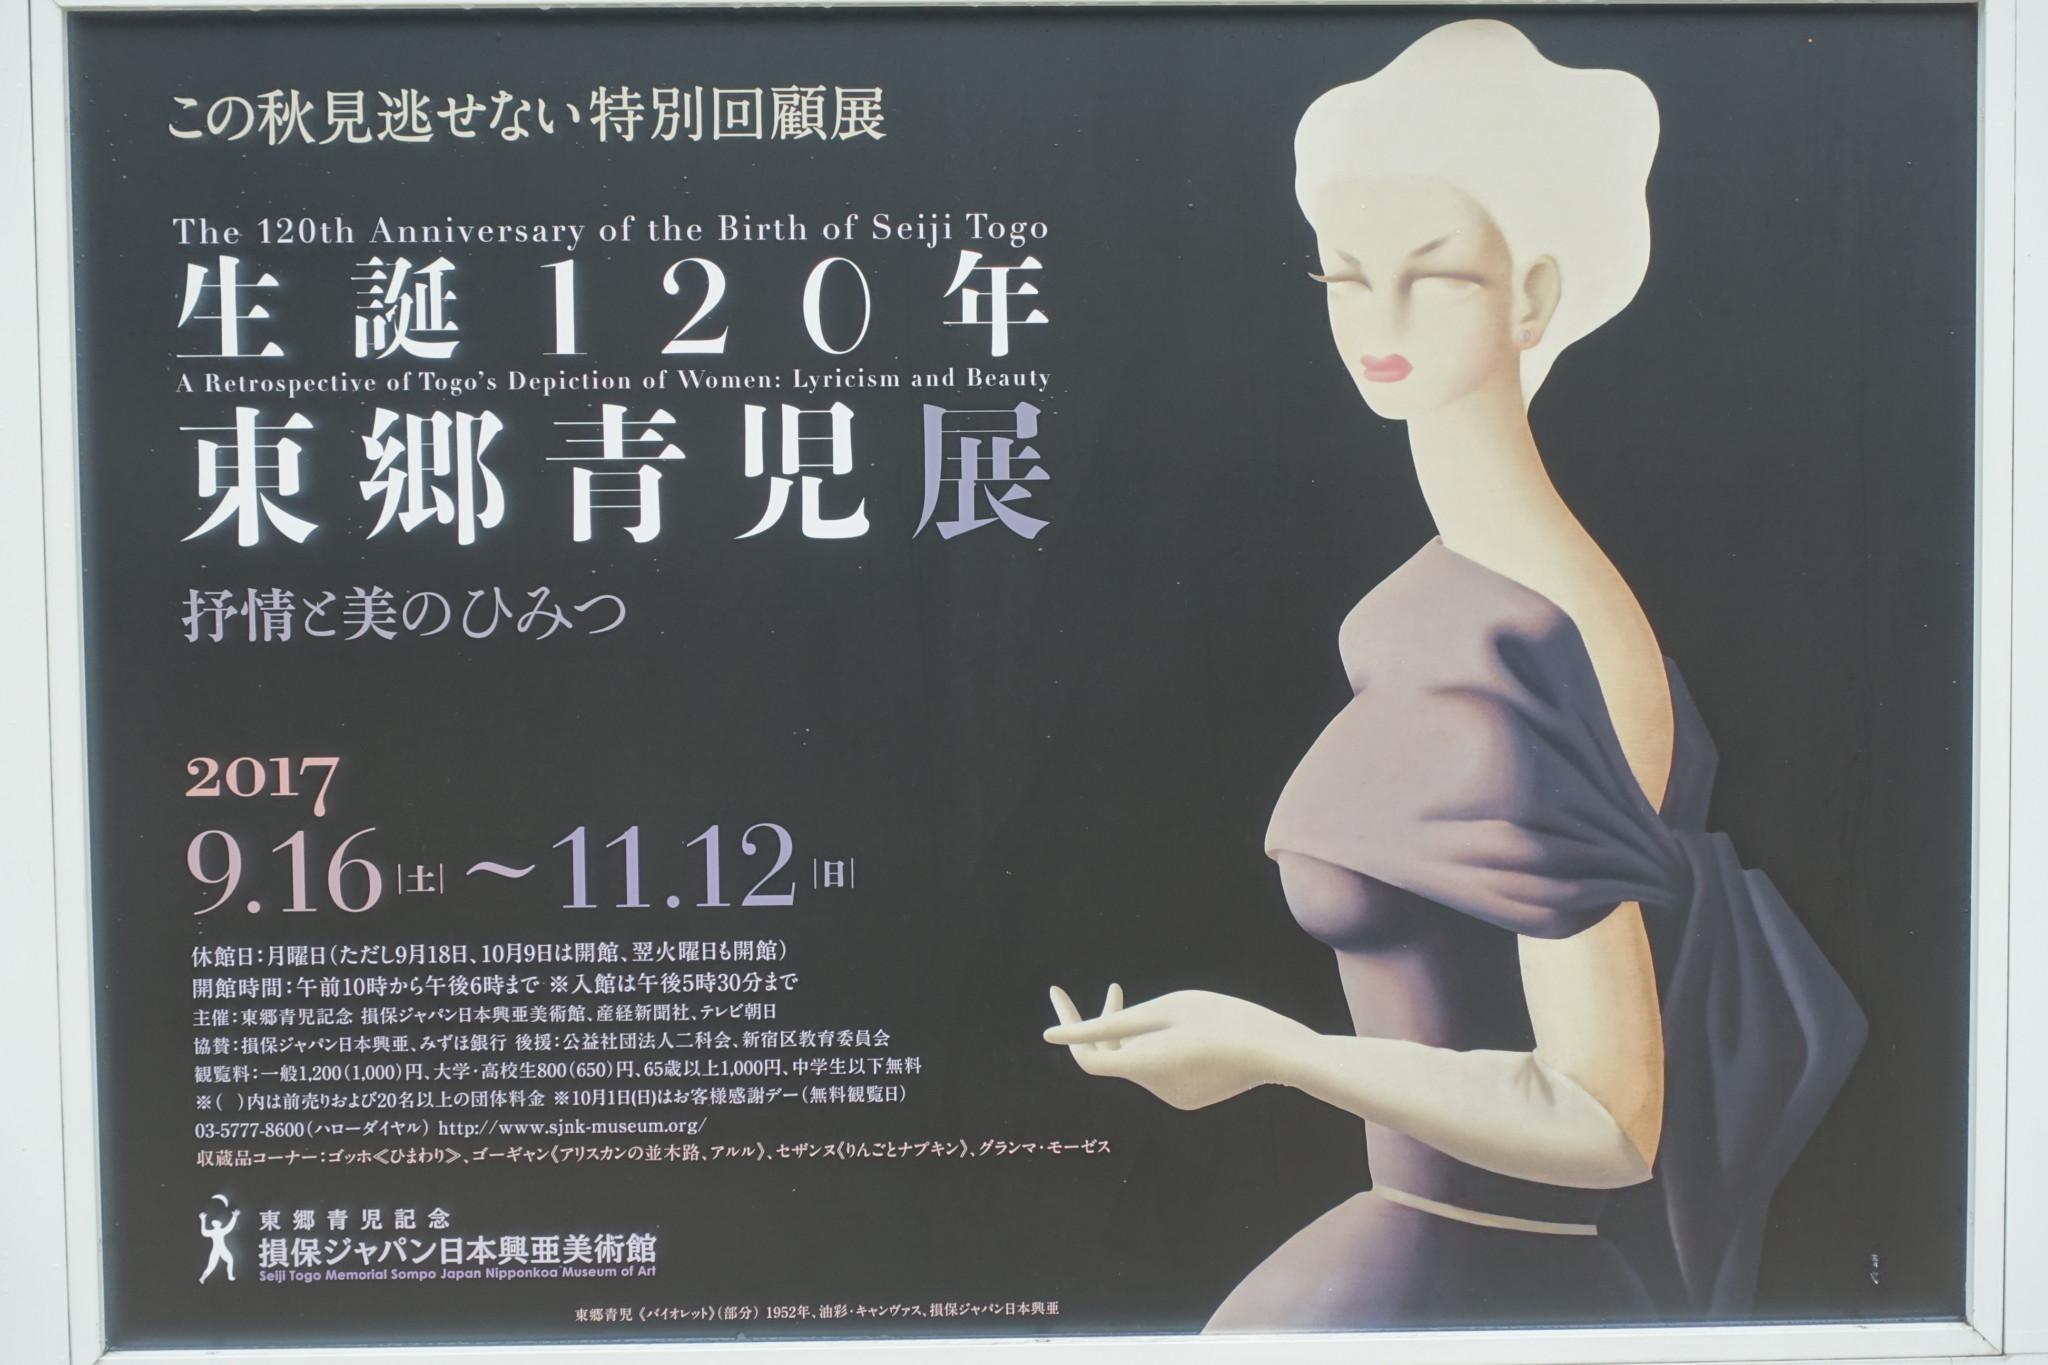 生誕120年 東郷青児展 抒情と美のひみつ